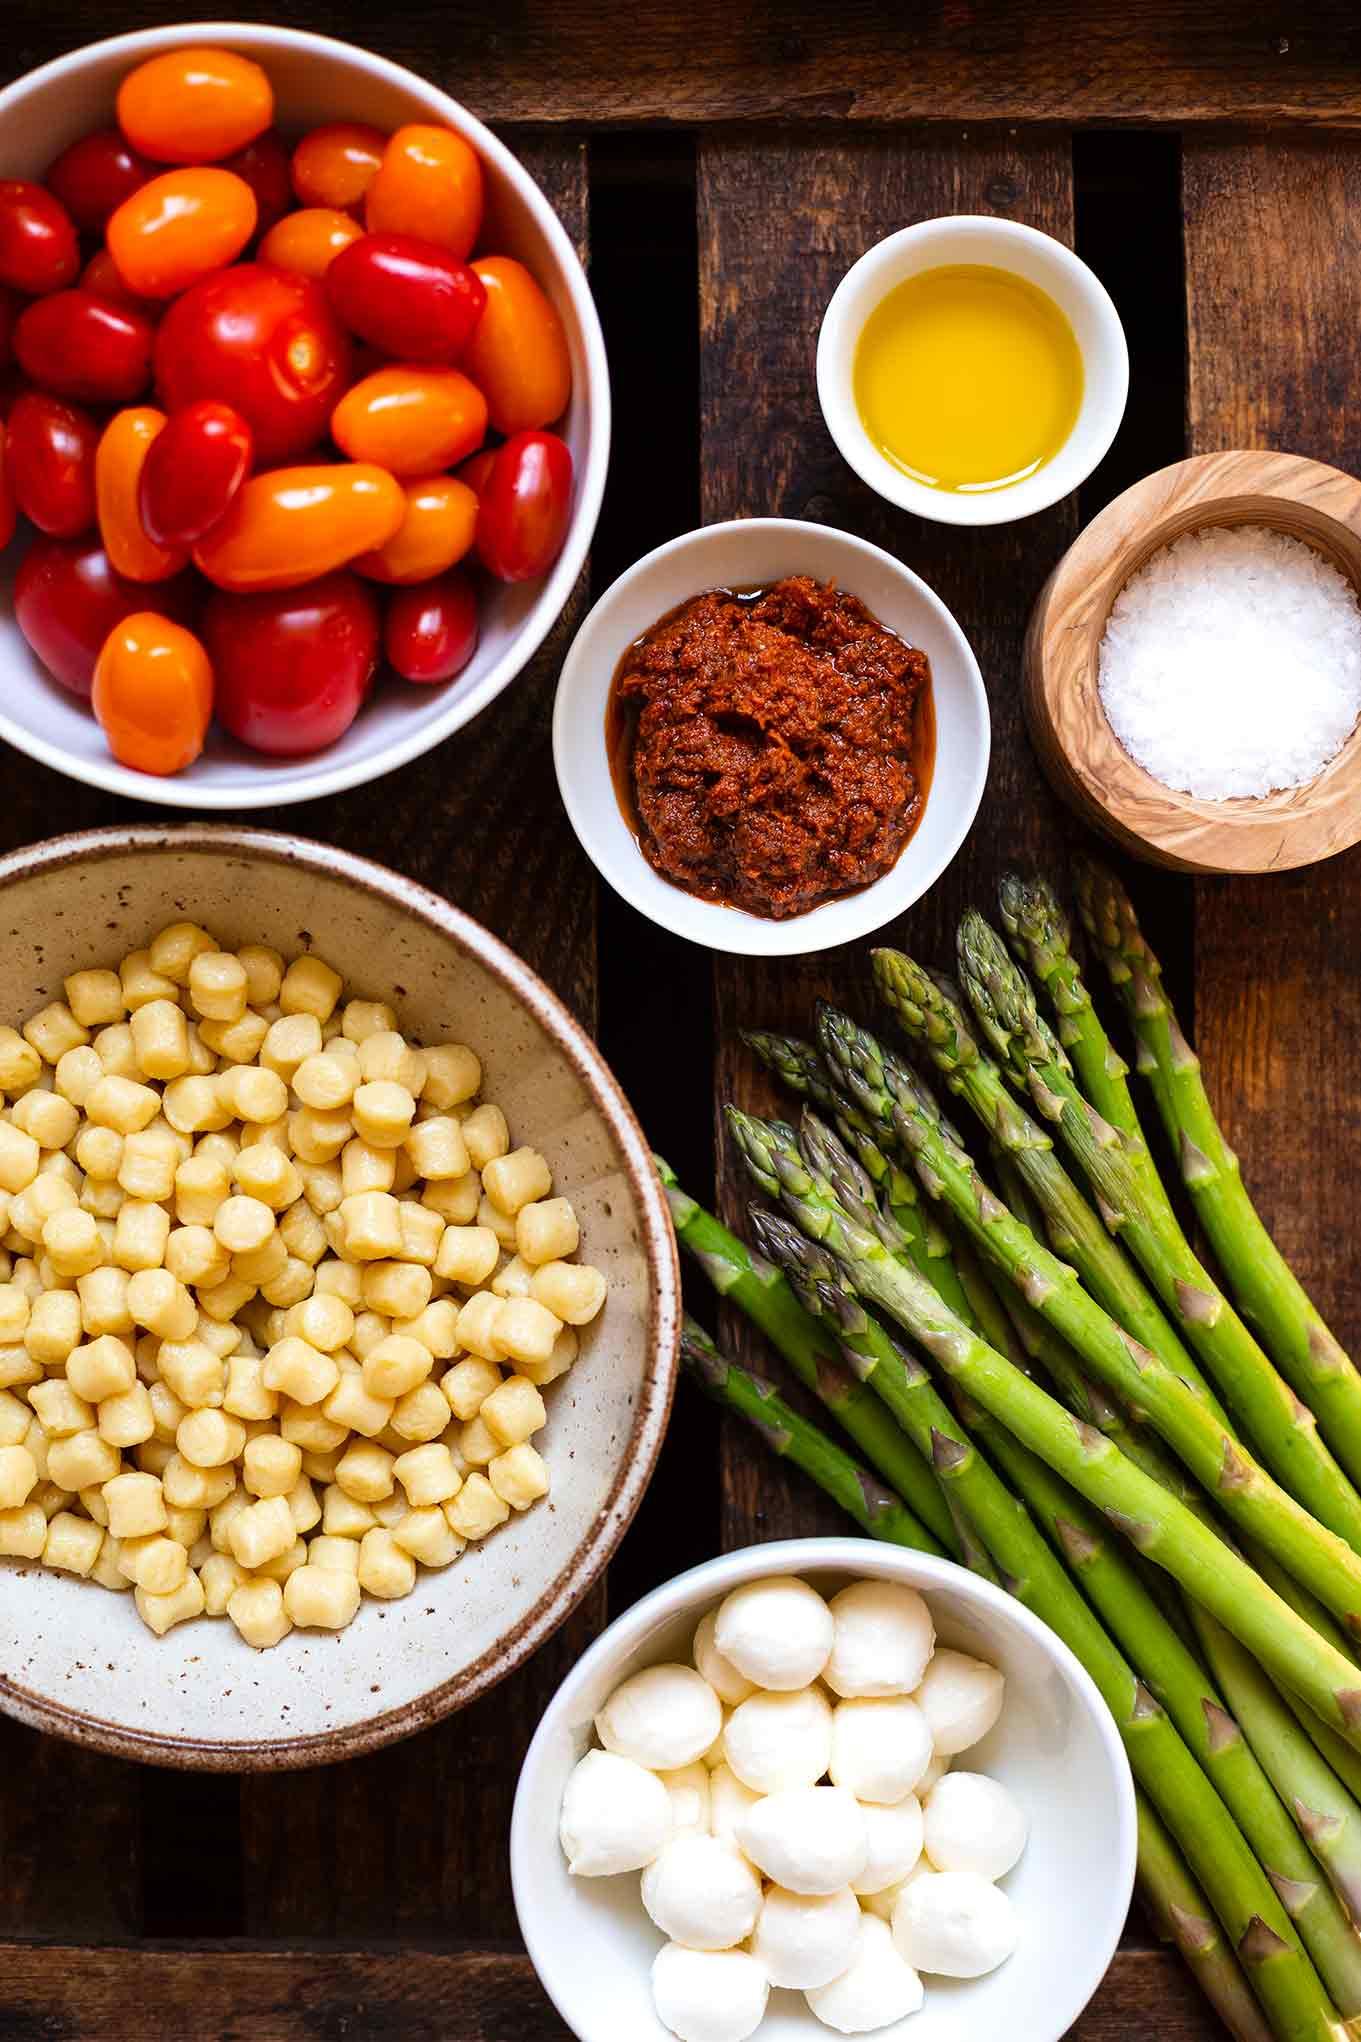 Diese Ein Blech-Gnocchi mit grünem Spargel, Tomaten und Pesto sind in nur 10 Minuten vorbereitet. Ein schnelles, leichtes und leckeres Frühlingsrezept. Kochkarussell -dein Foodblog für schnelle und einfache Feierabendküche.